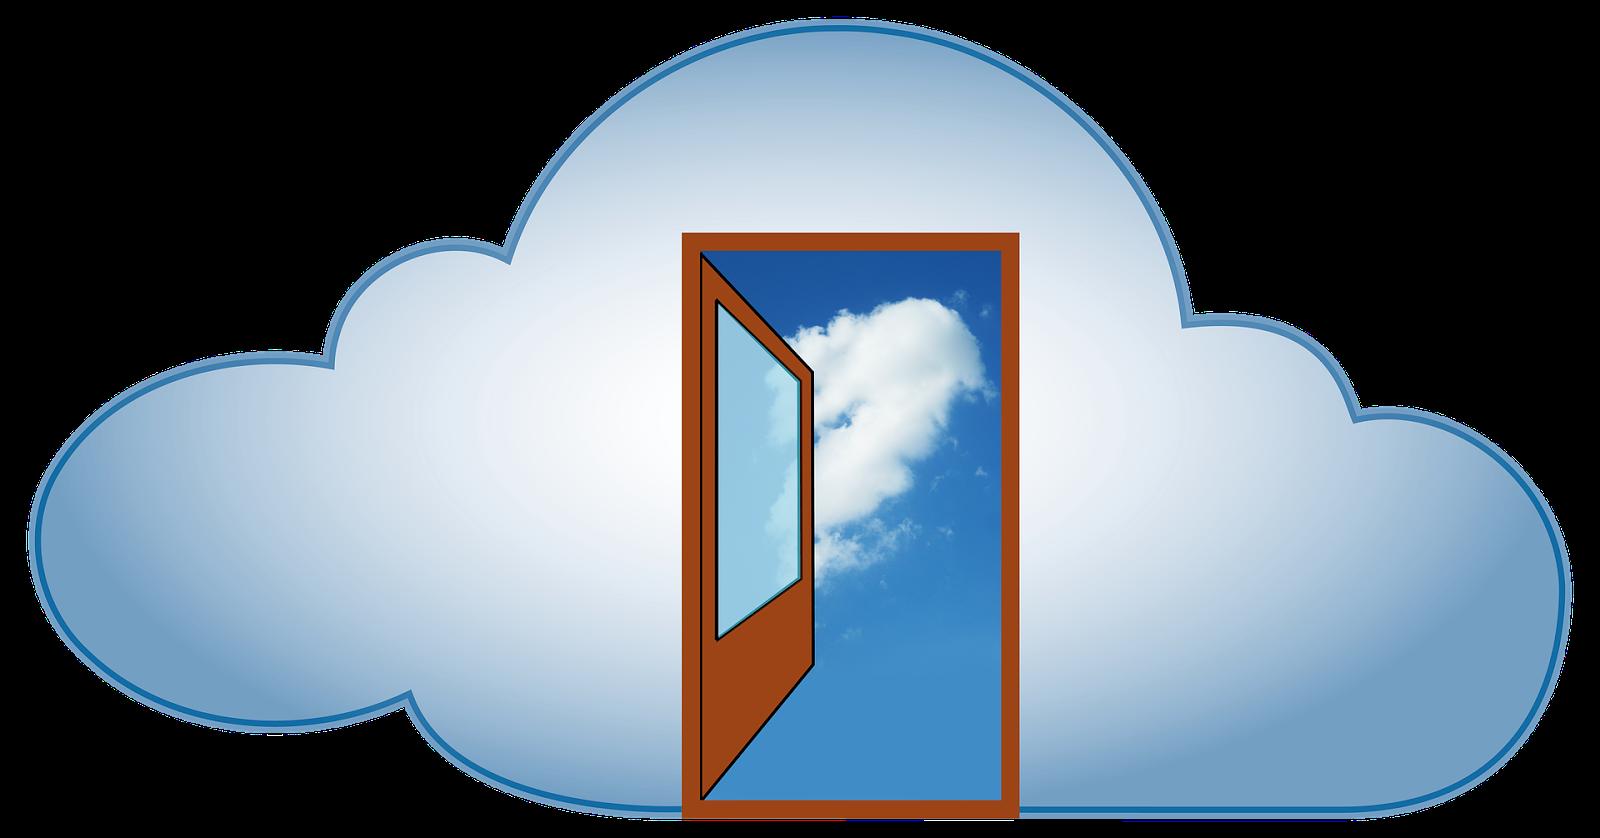 Offene Tür in einer Wolke